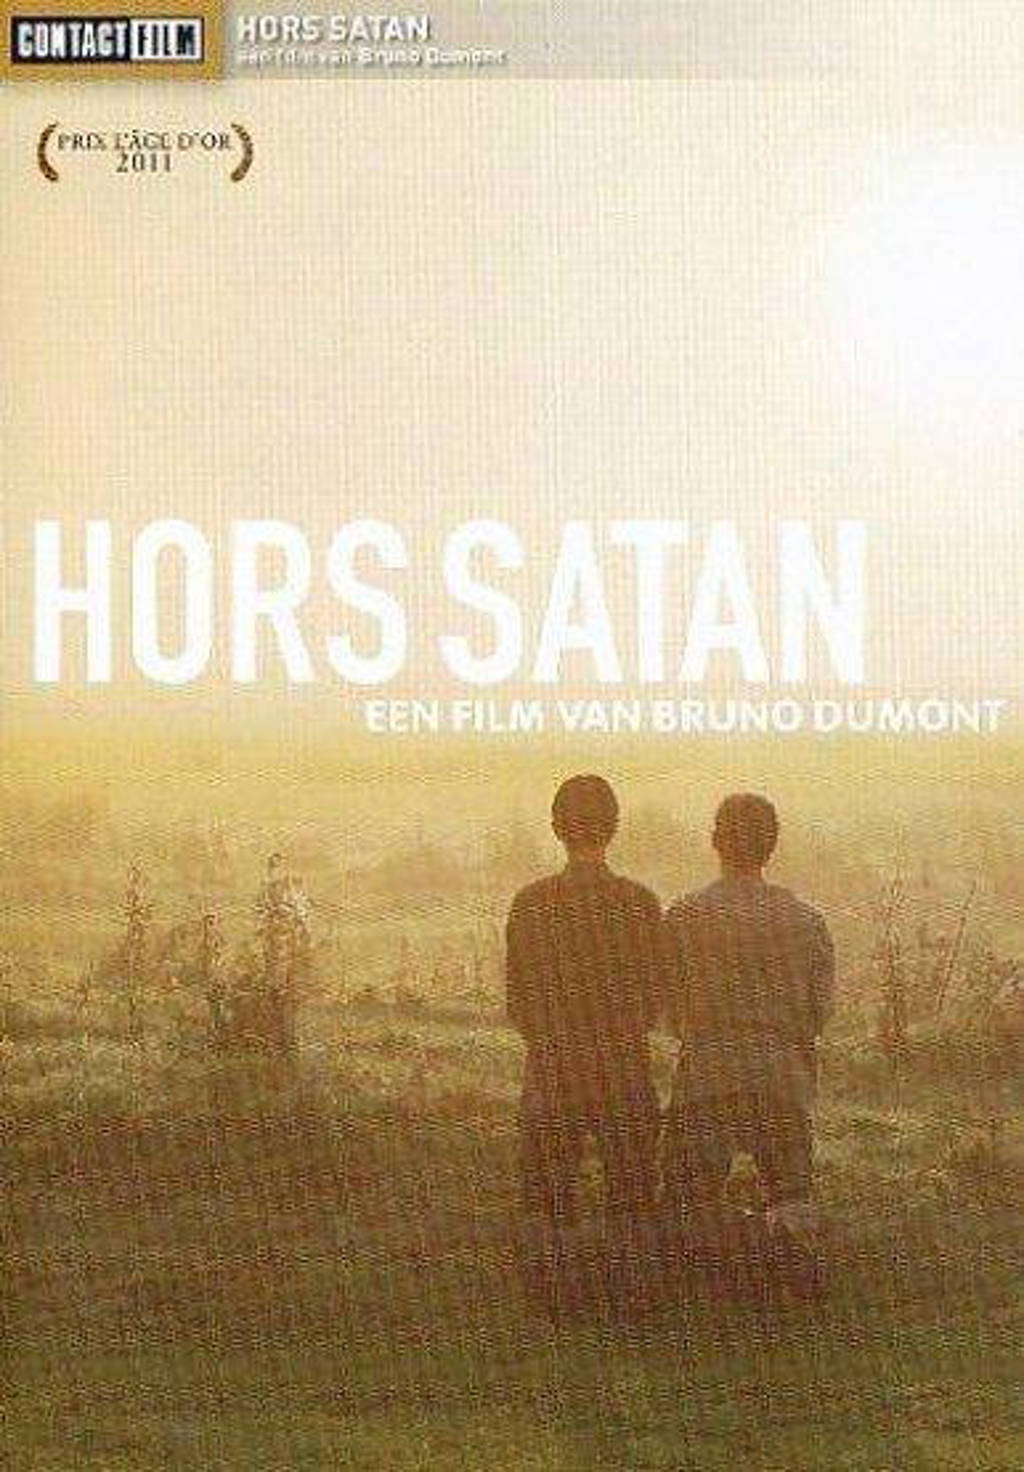 Hors satan (DVD)